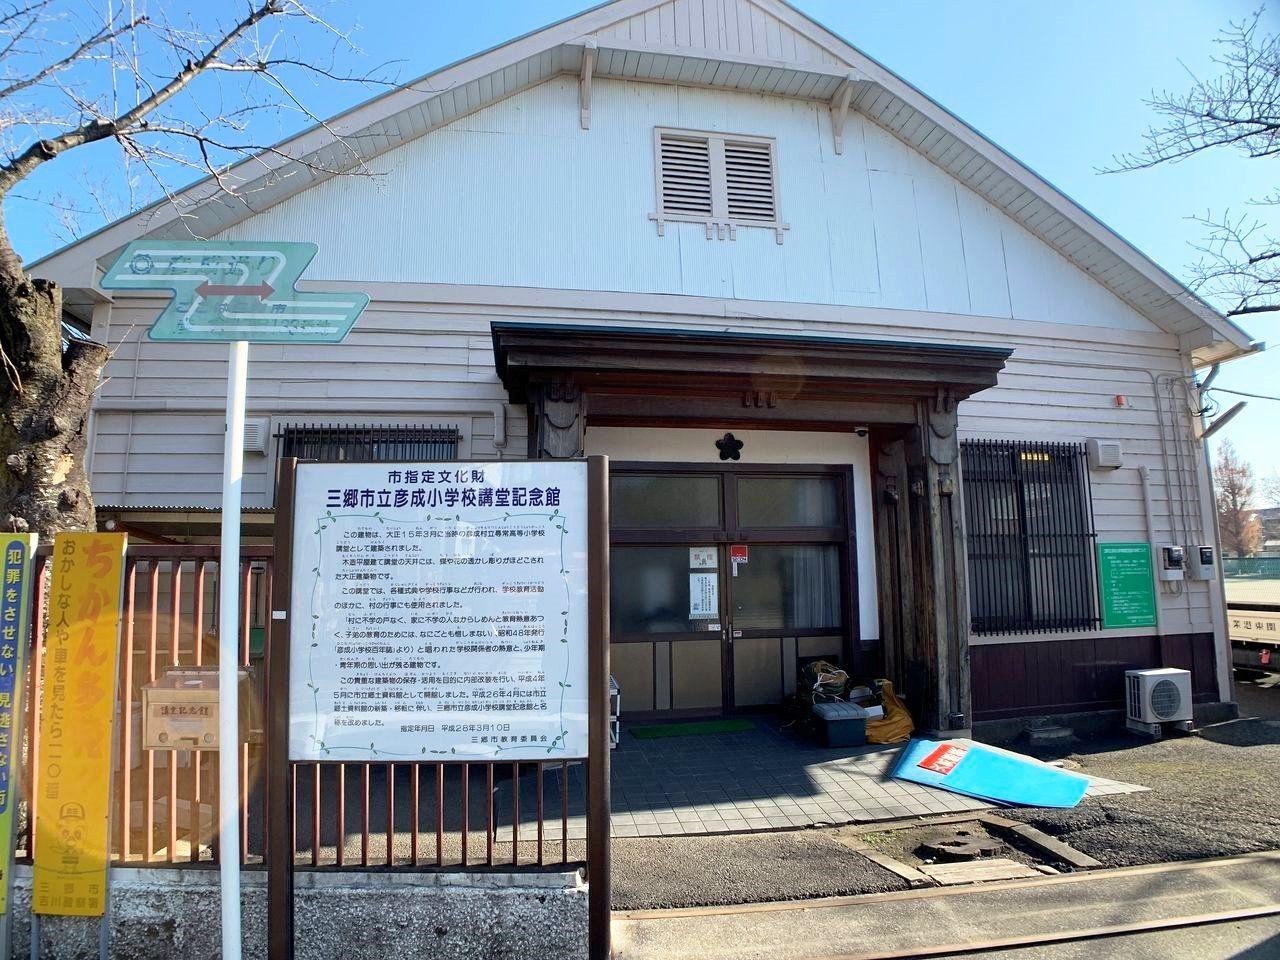 彦成小学校講堂記念館は、大正15年3月に、当時の彦成村立尋常高等小学校講堂として建築